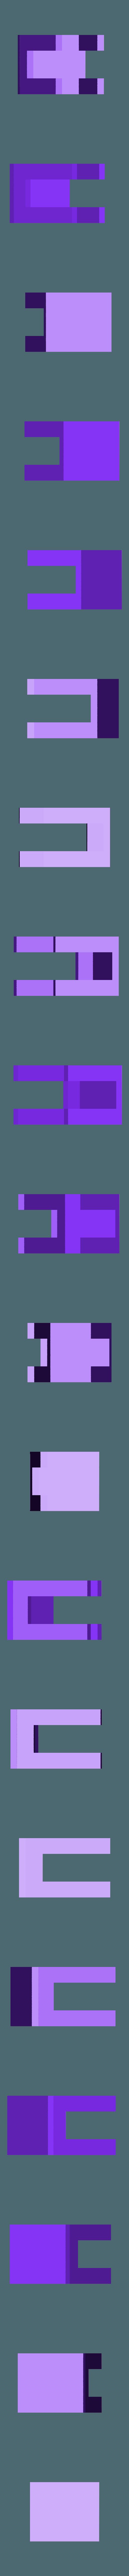 zclip.stl Télécharger fichier SCAD gratuit Makerfarm Prusa I3V Z Nut Clip • Objet pour impression 3D, cult3dp